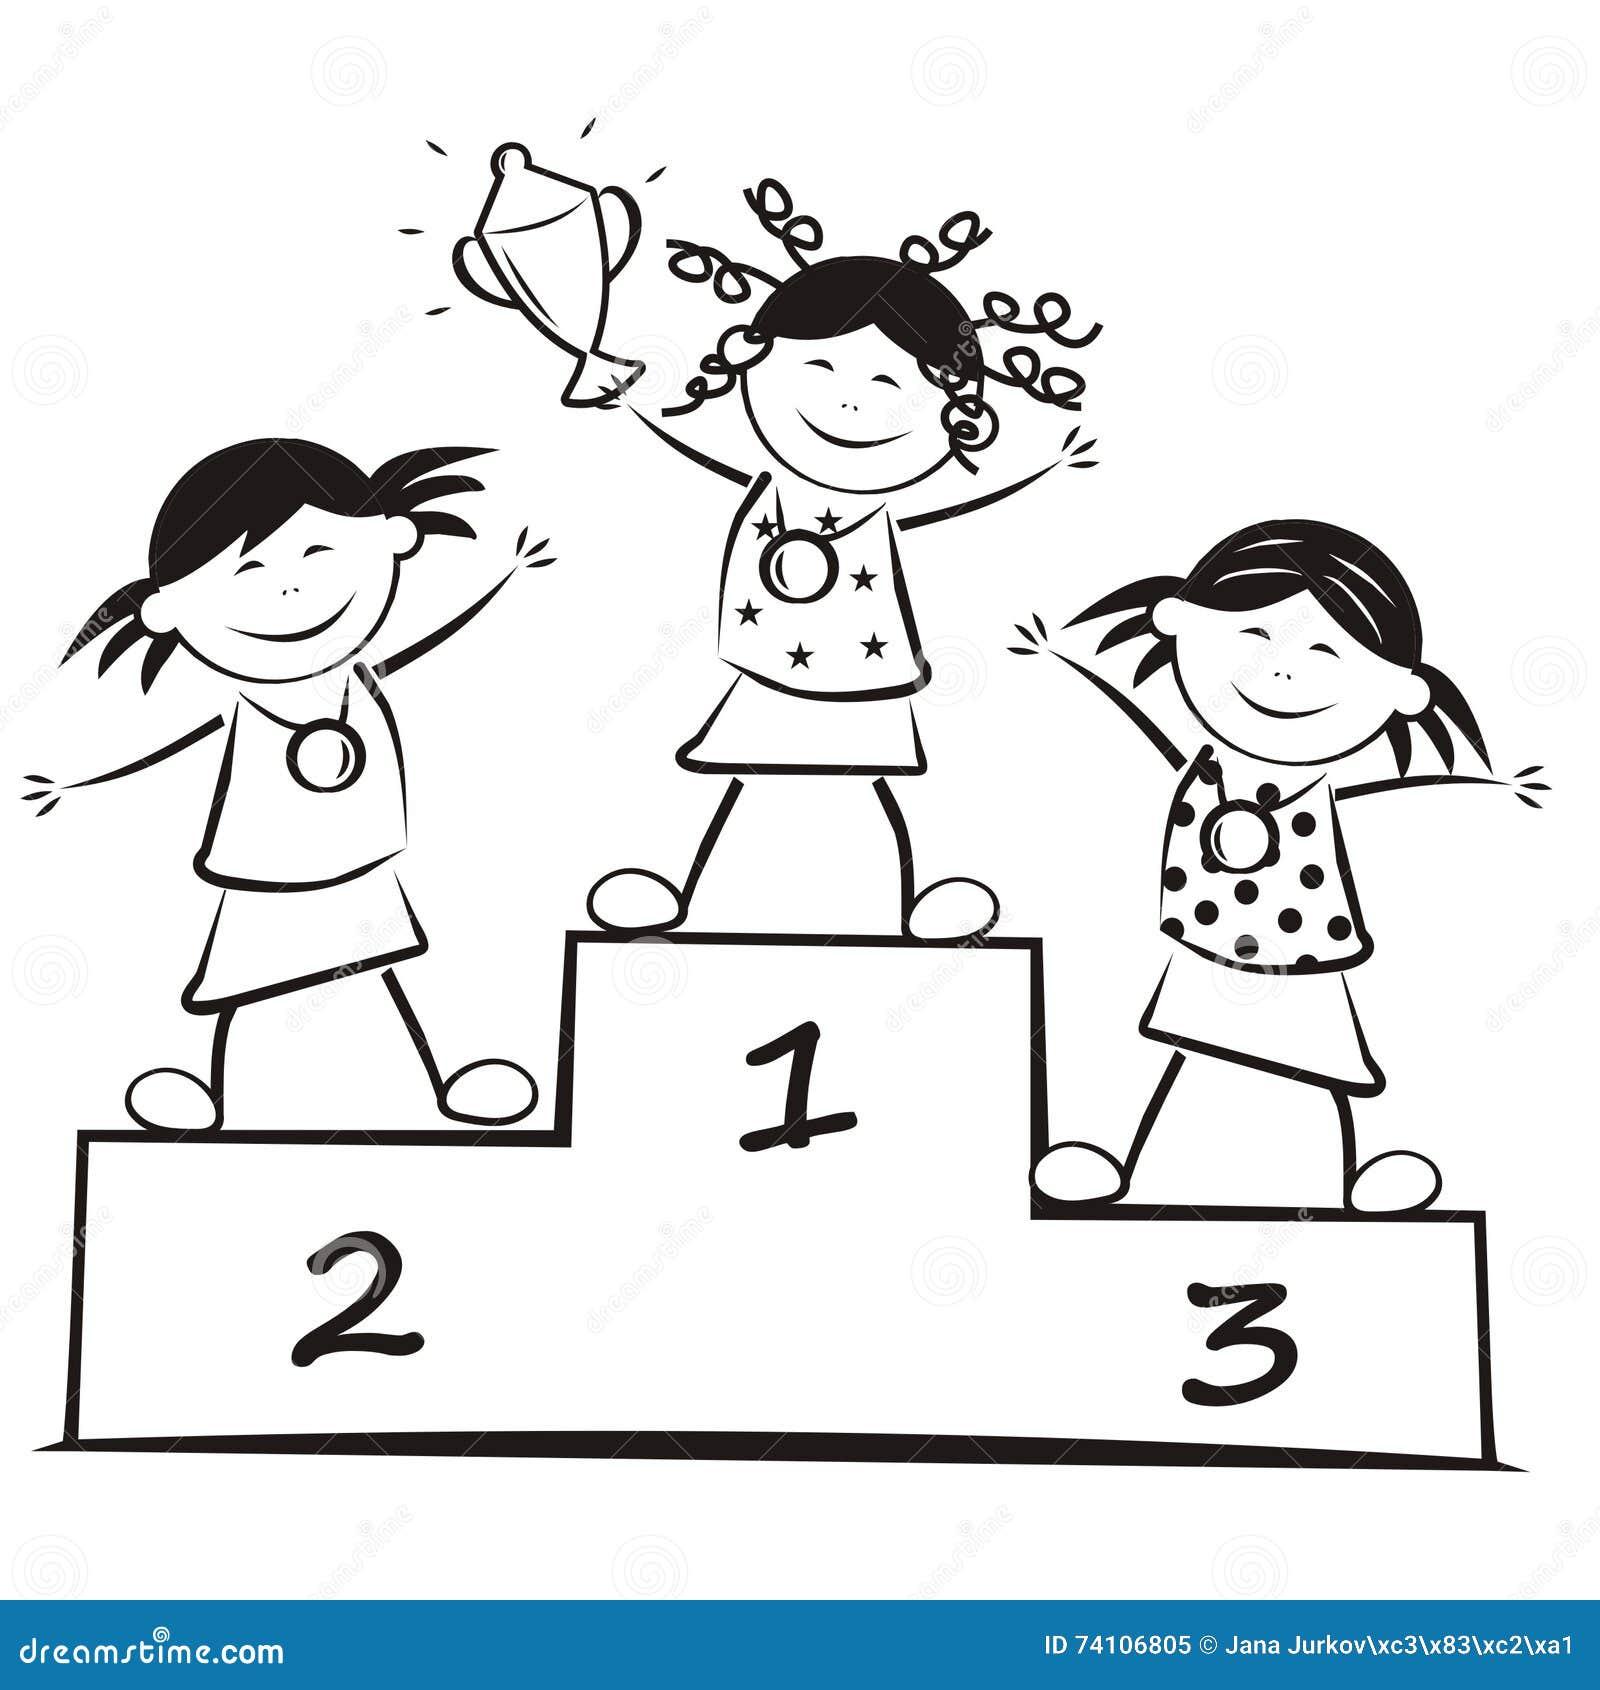 Gagnants sur le podium livre de coloriage illustration de - Dessin podium ...